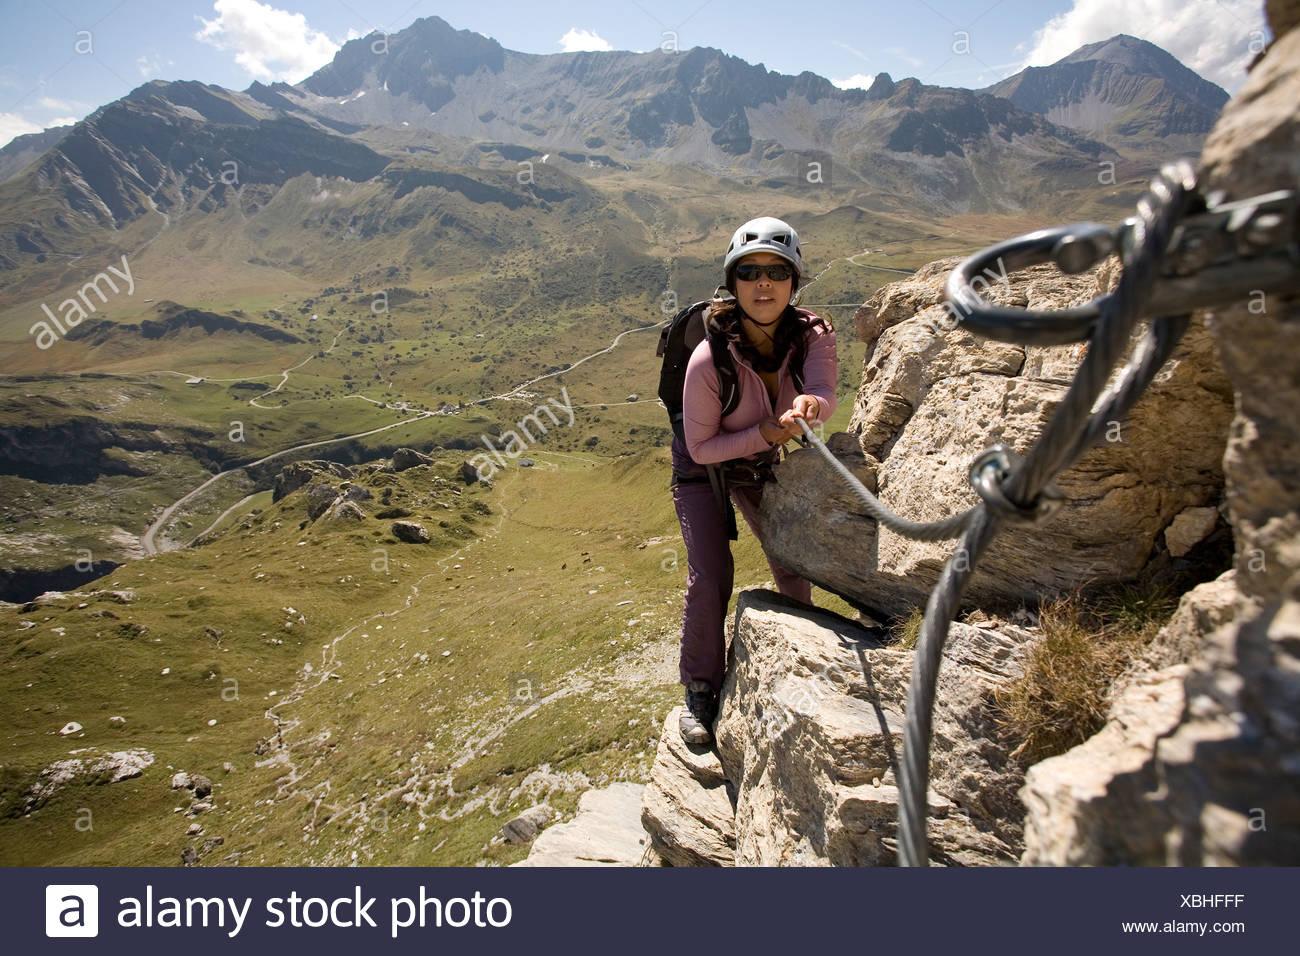 Eine junge Frau nutzt das Kabel an den Felsen zum Klettern Unterstützung bei der Einbindung in den Sport des Via Ferrata in der französischen A verschraubt Stockbild